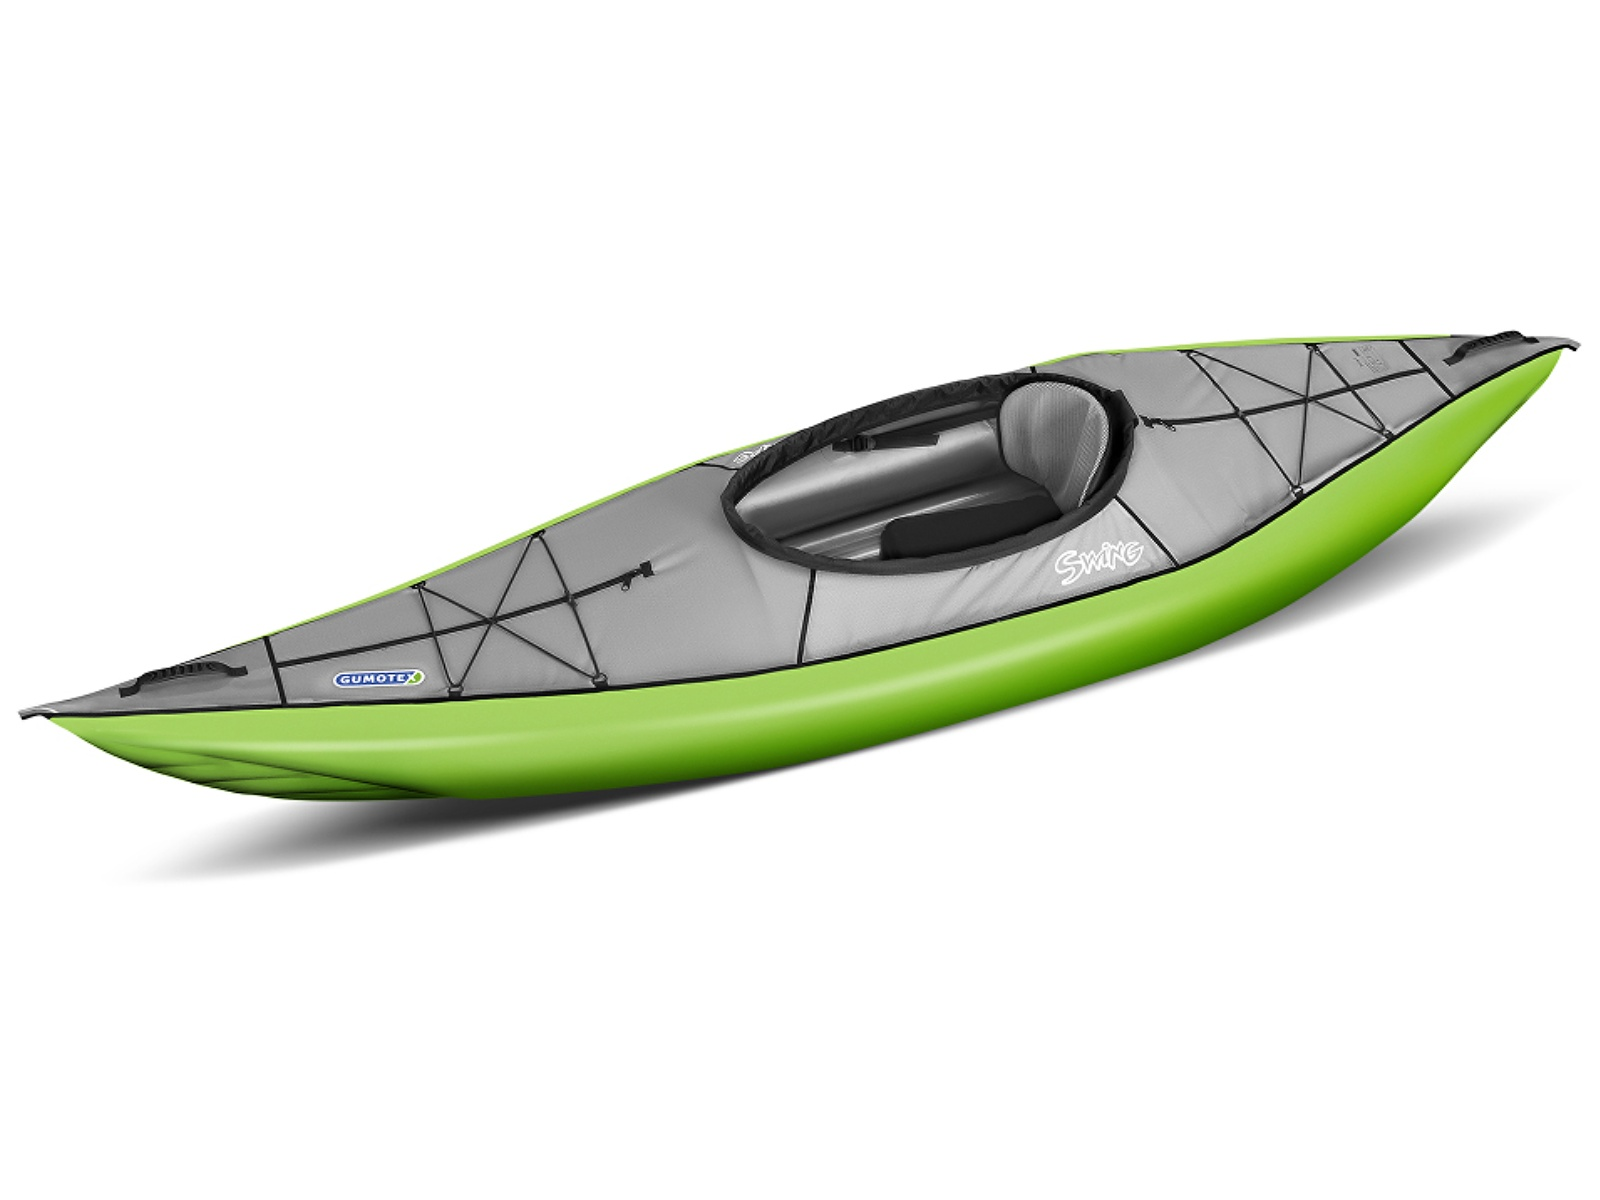 Nafukovací kajak GUMOTEX Swing 1 zeleno-šedý